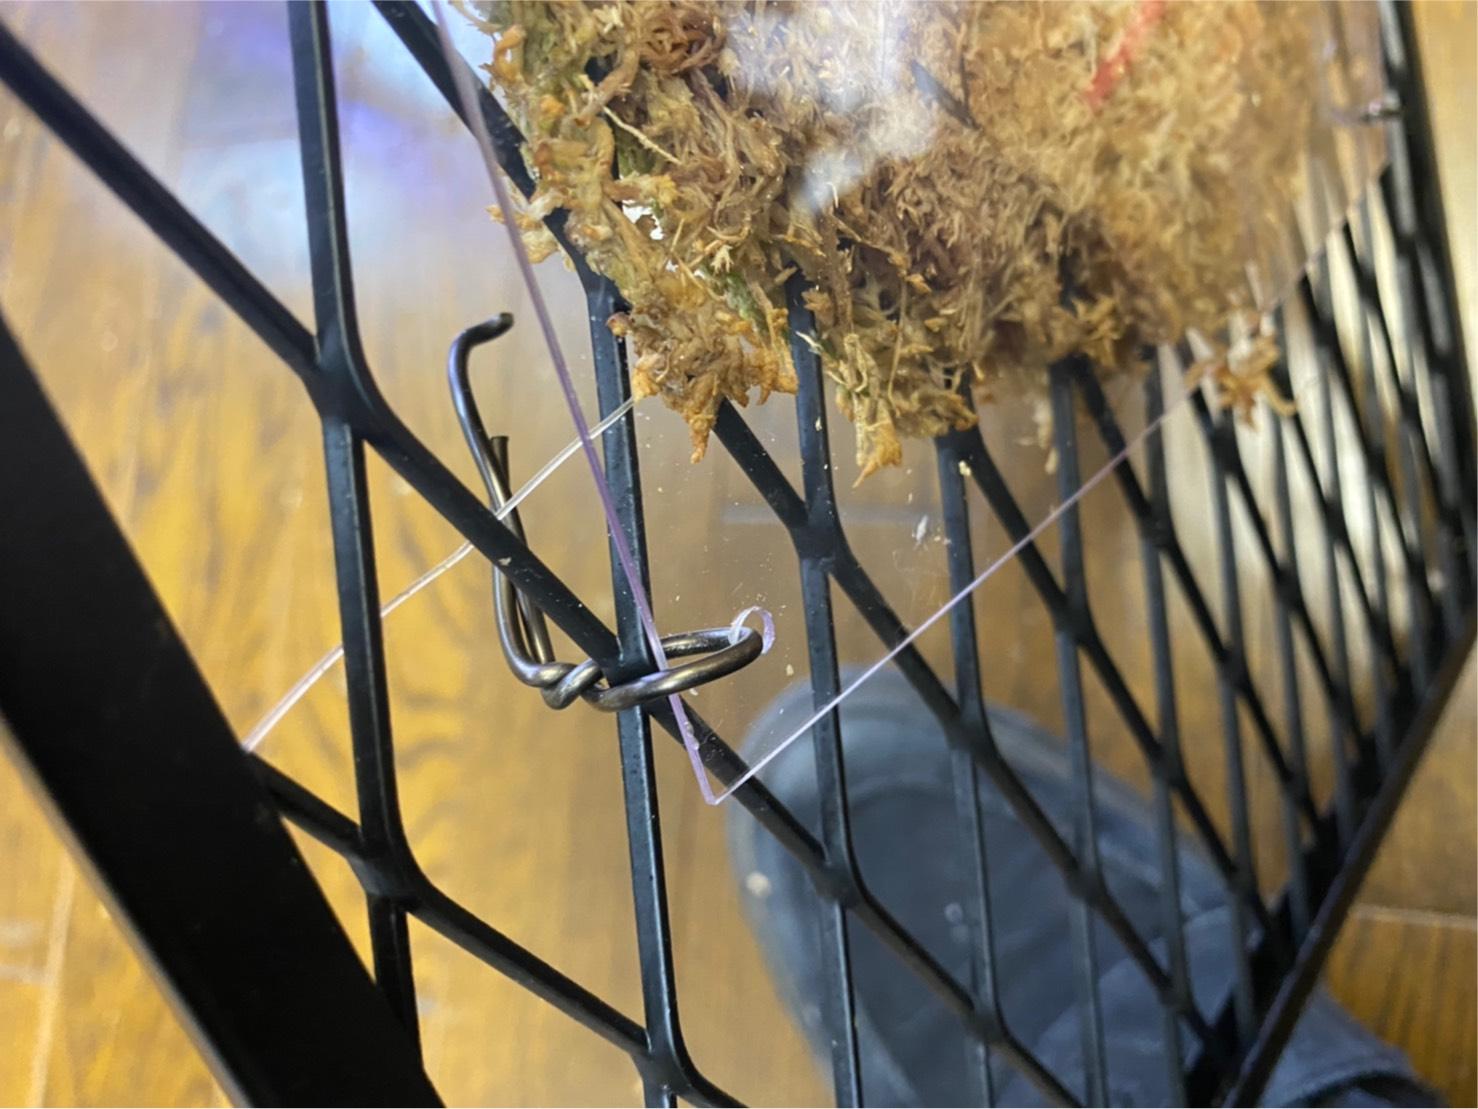 水苔が乾きすぎるビカクシダの調整。